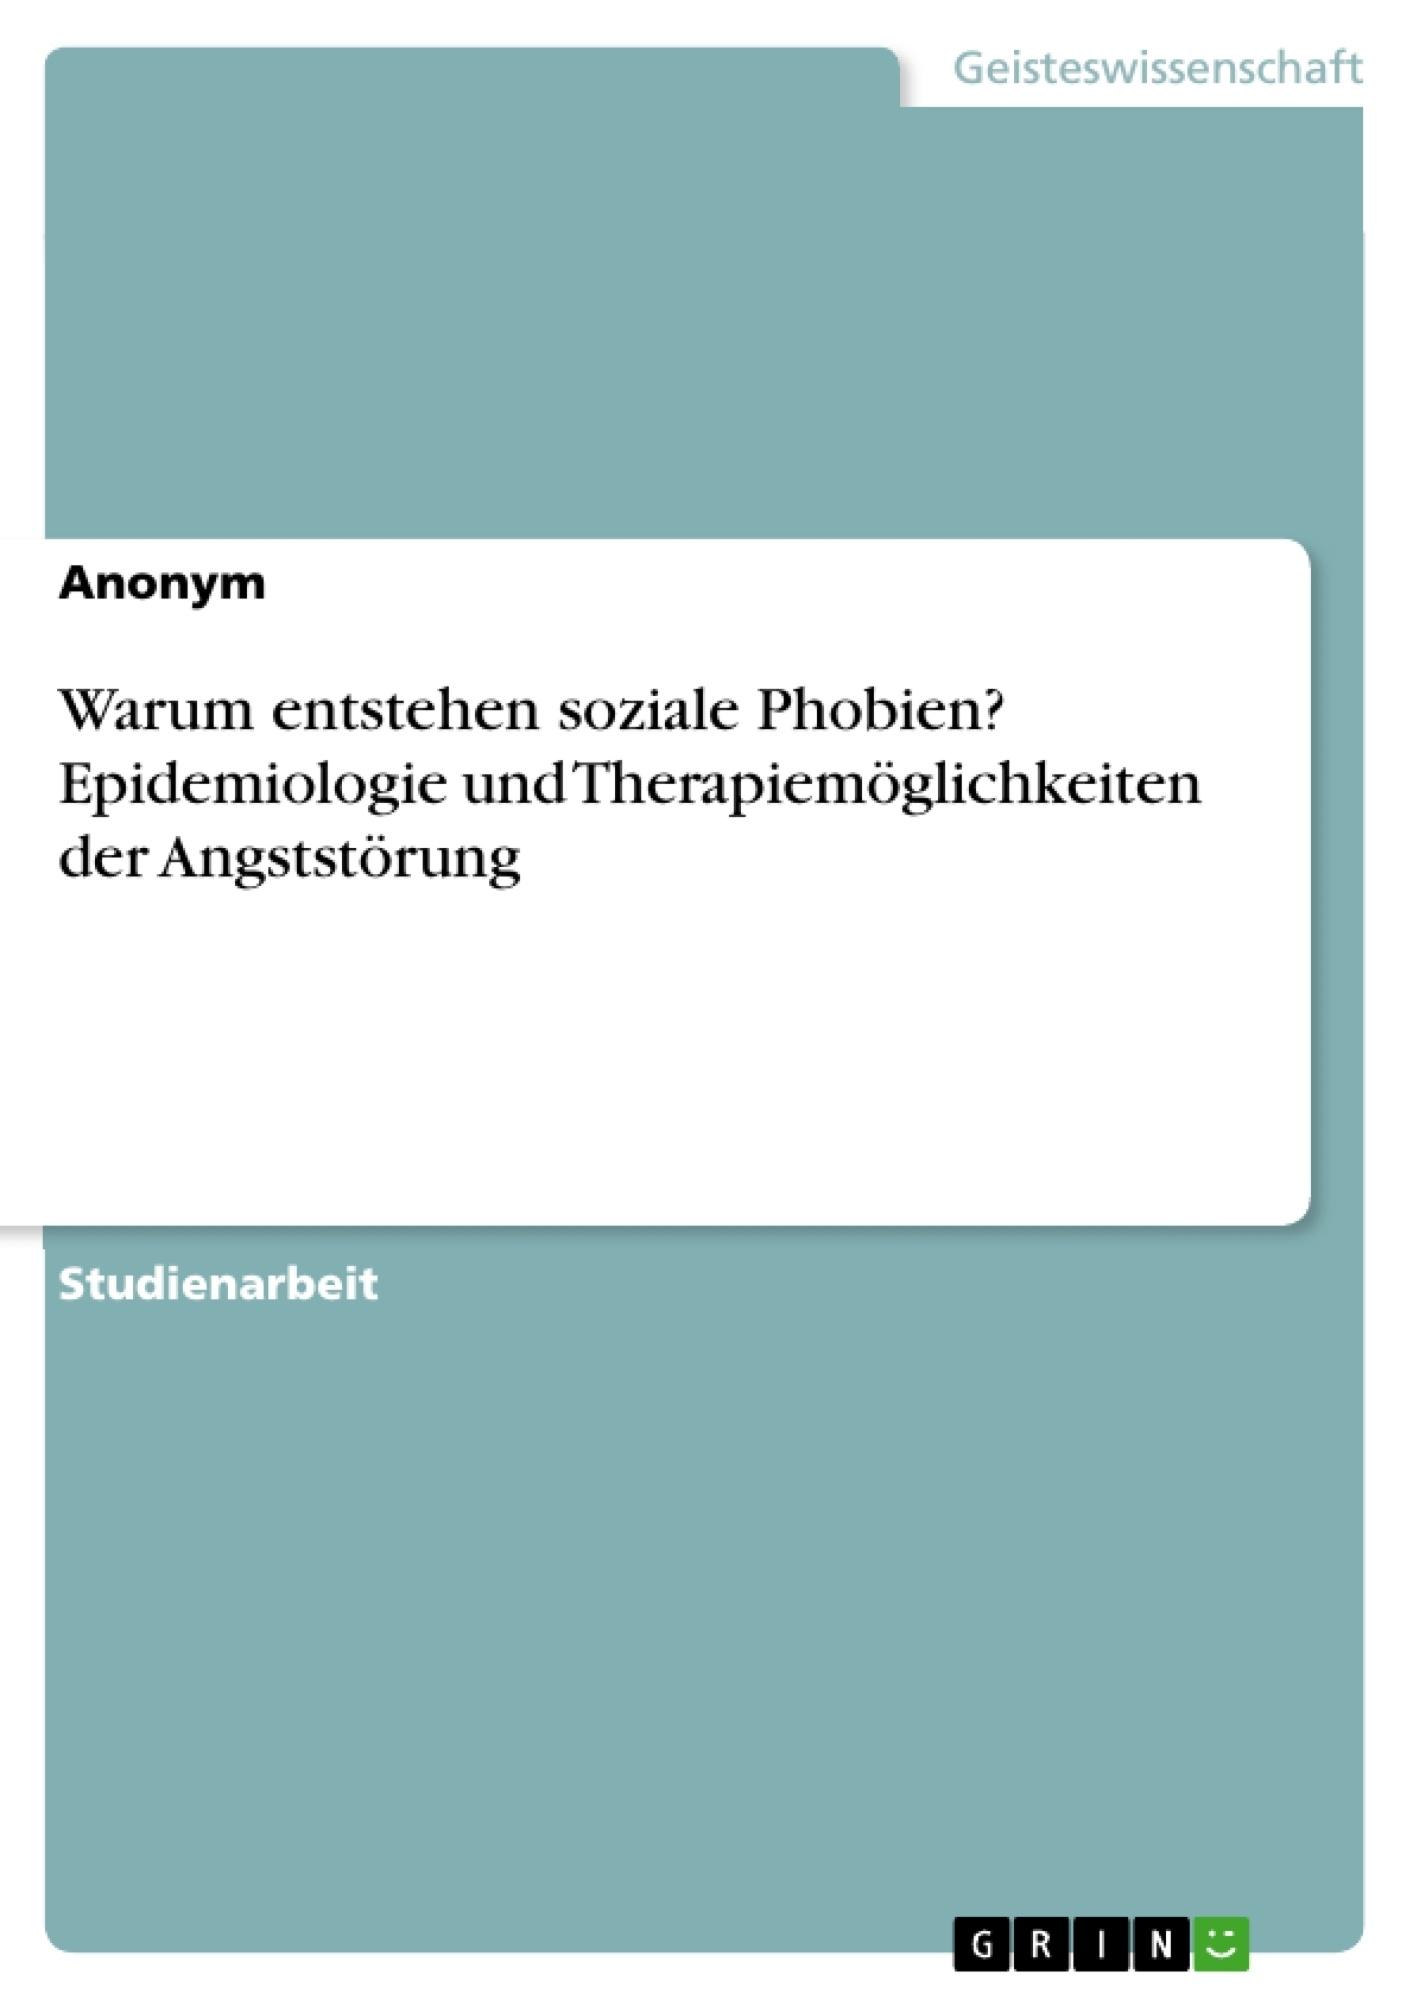 Titel: Warum entstehen soziale Phobien? Epidemiologie und Therapiemöglichkeiten der Angststörung